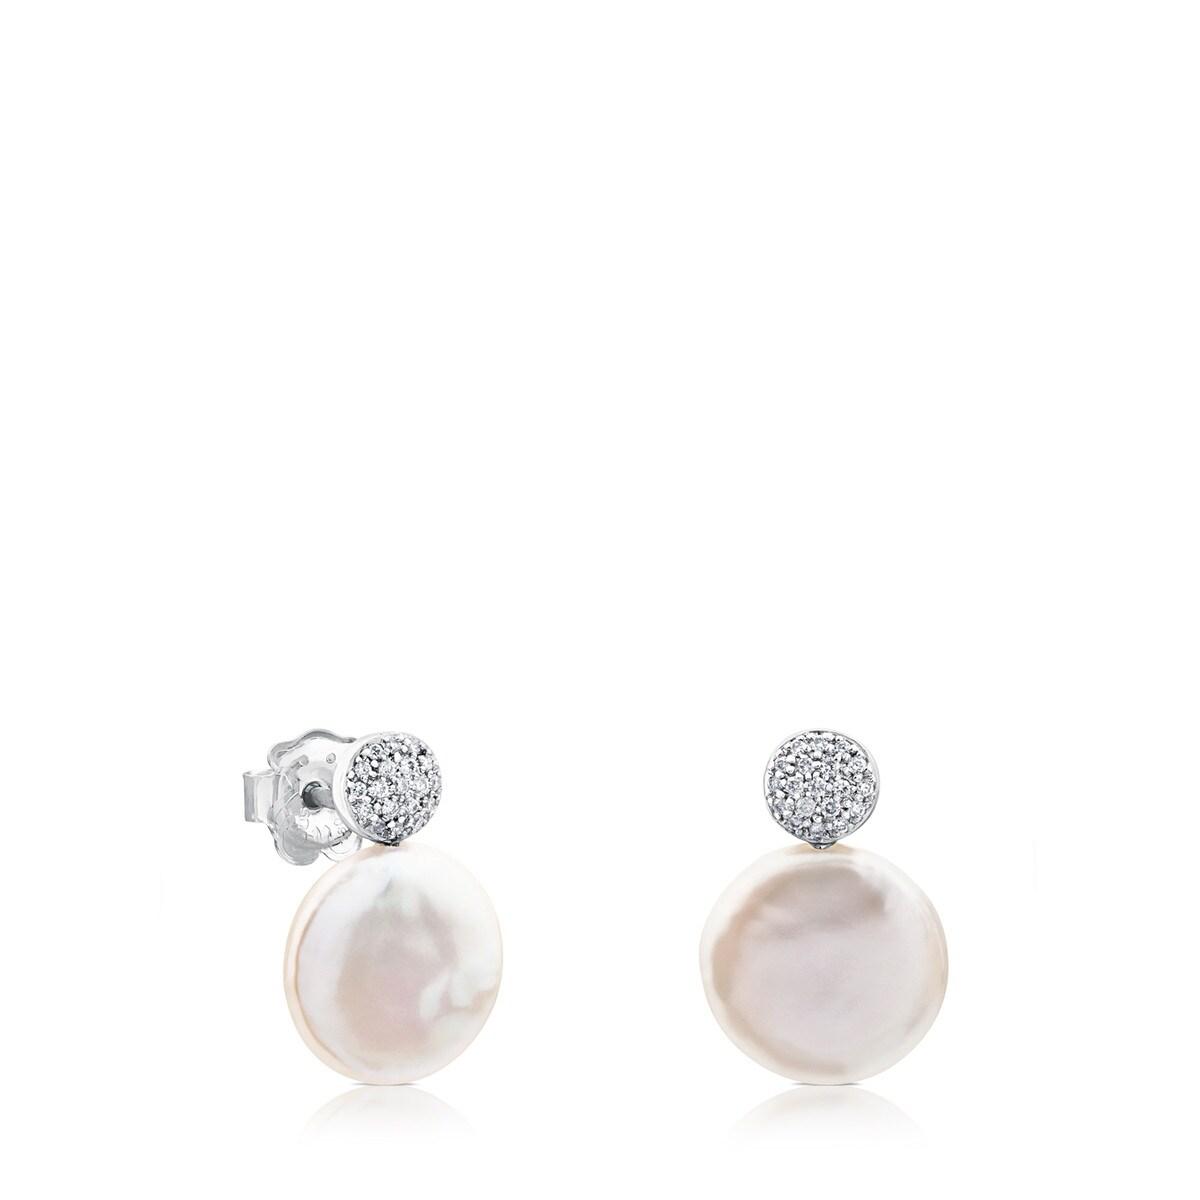 fe1be8eecfde Pendientes Alecia de Oro blanco con Diamantes y Perla - Sitio web ...